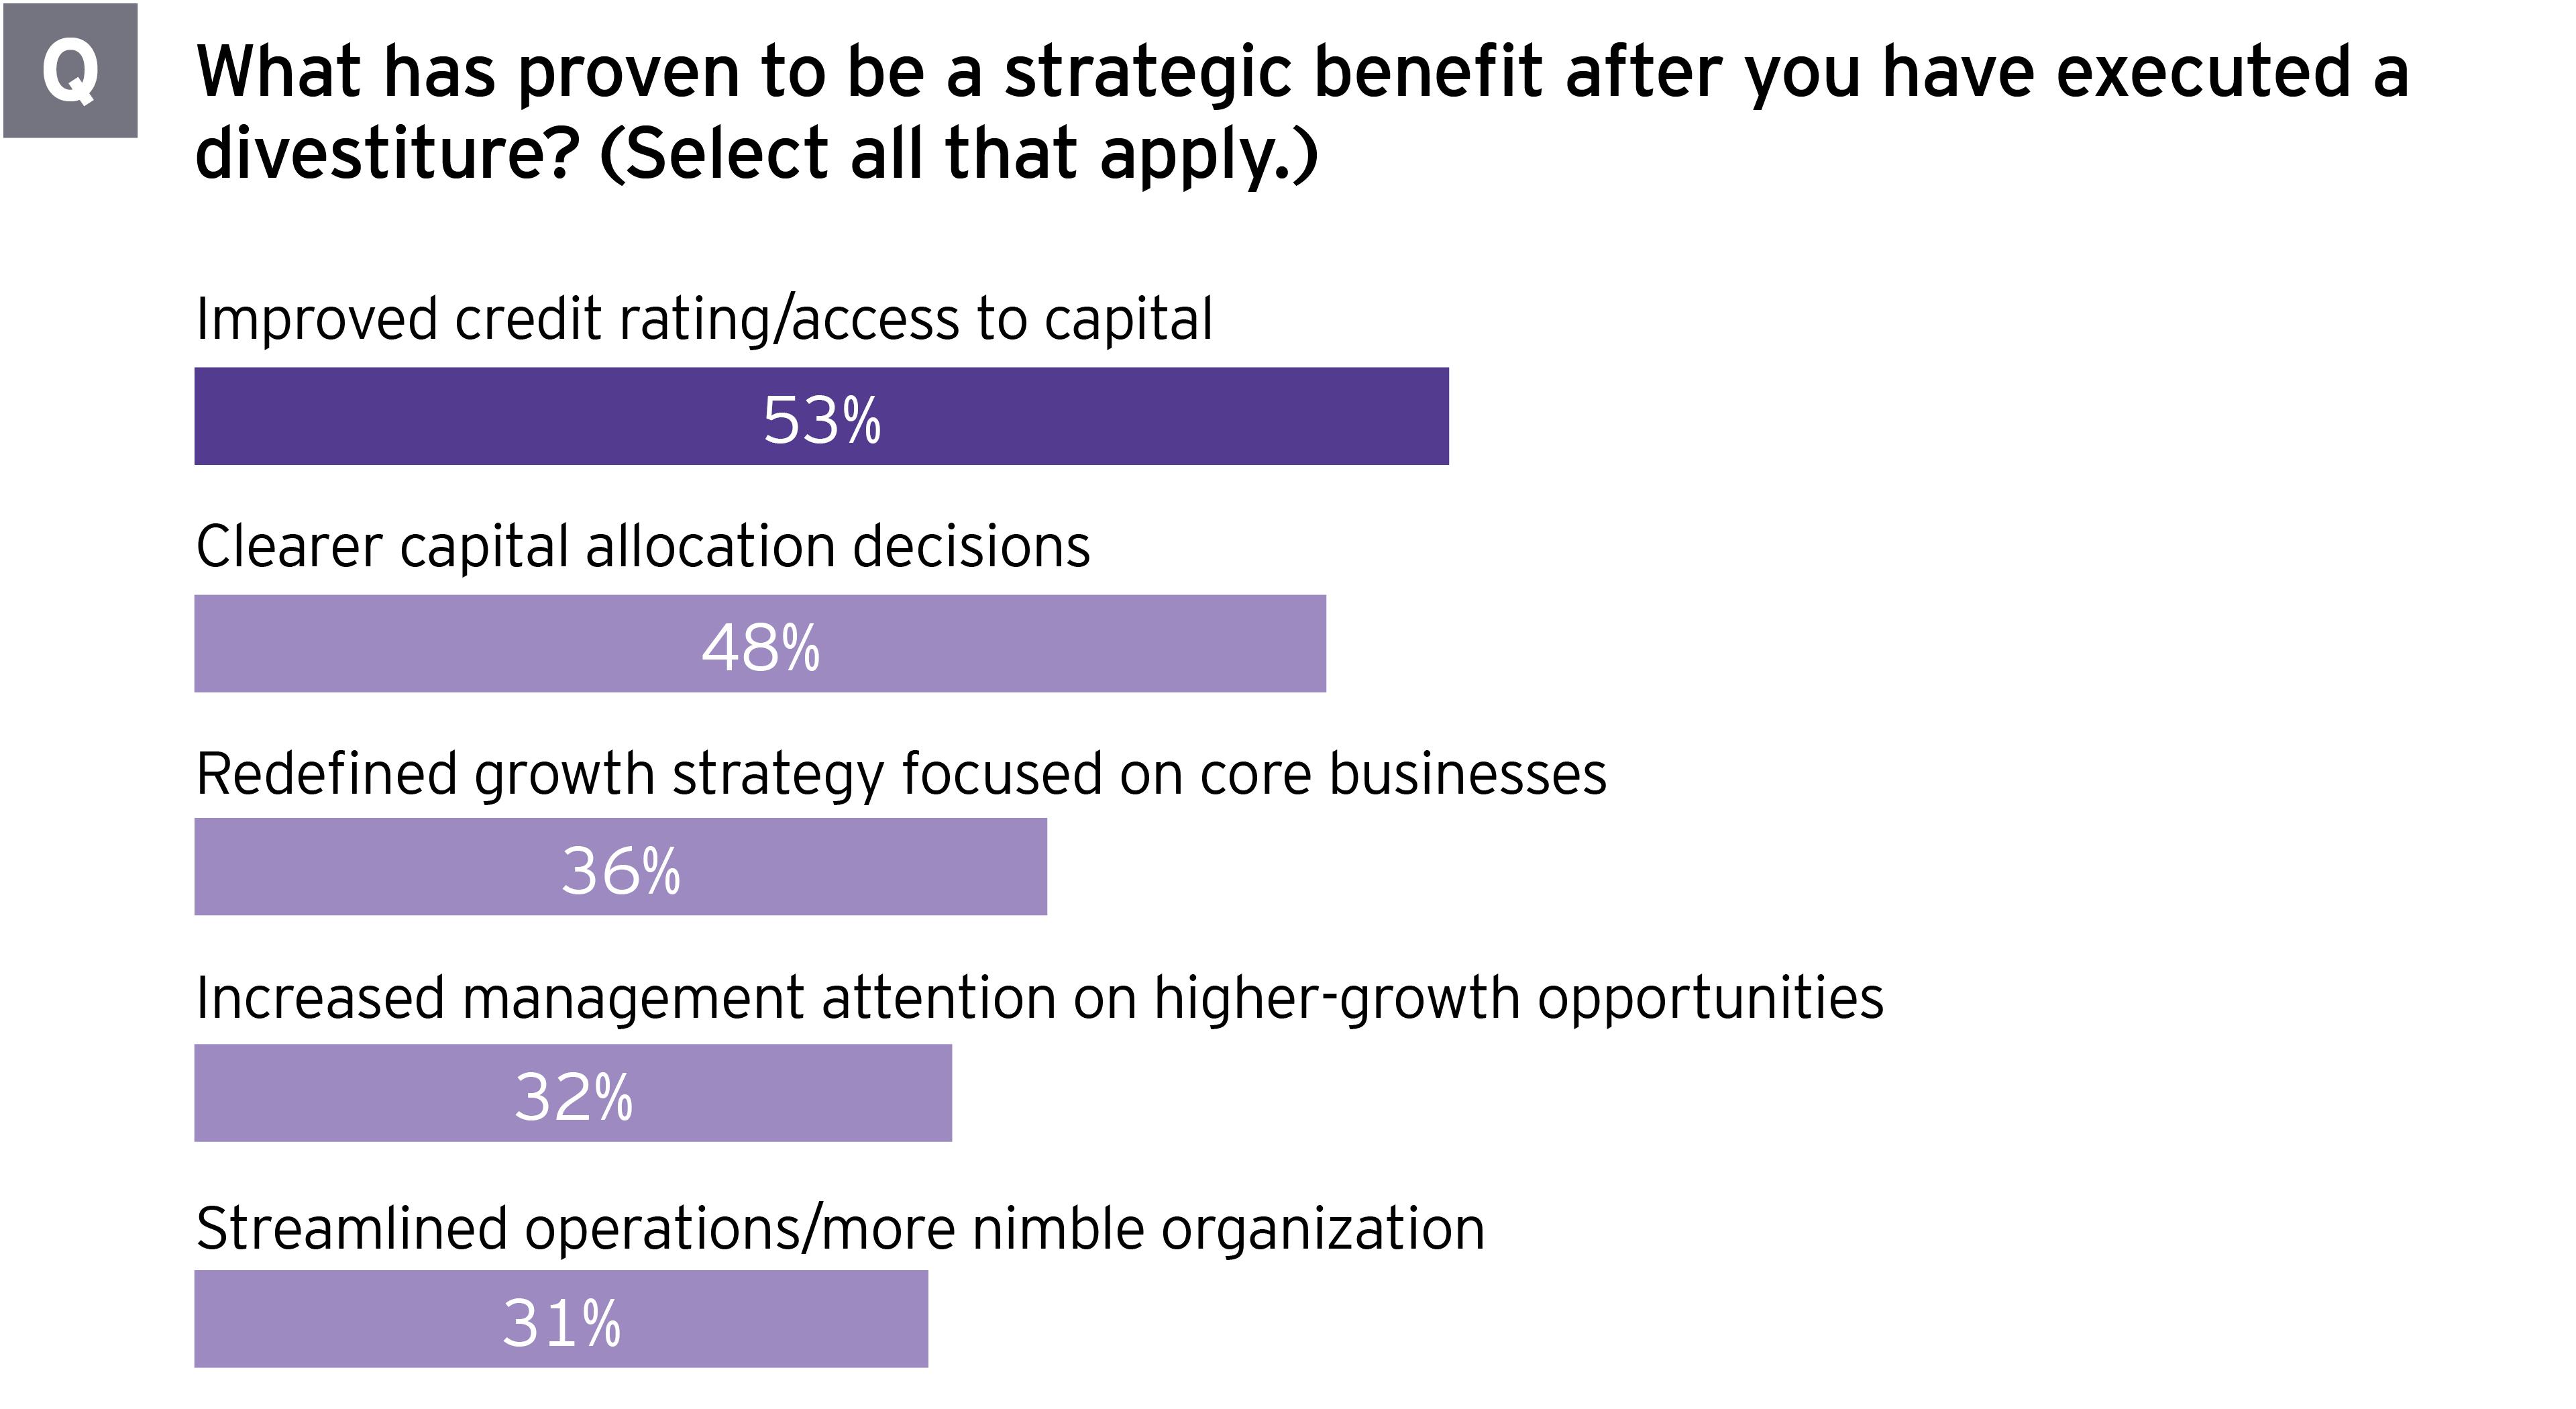 Portfolio review can guide CFO divestment decisions - Figure 3